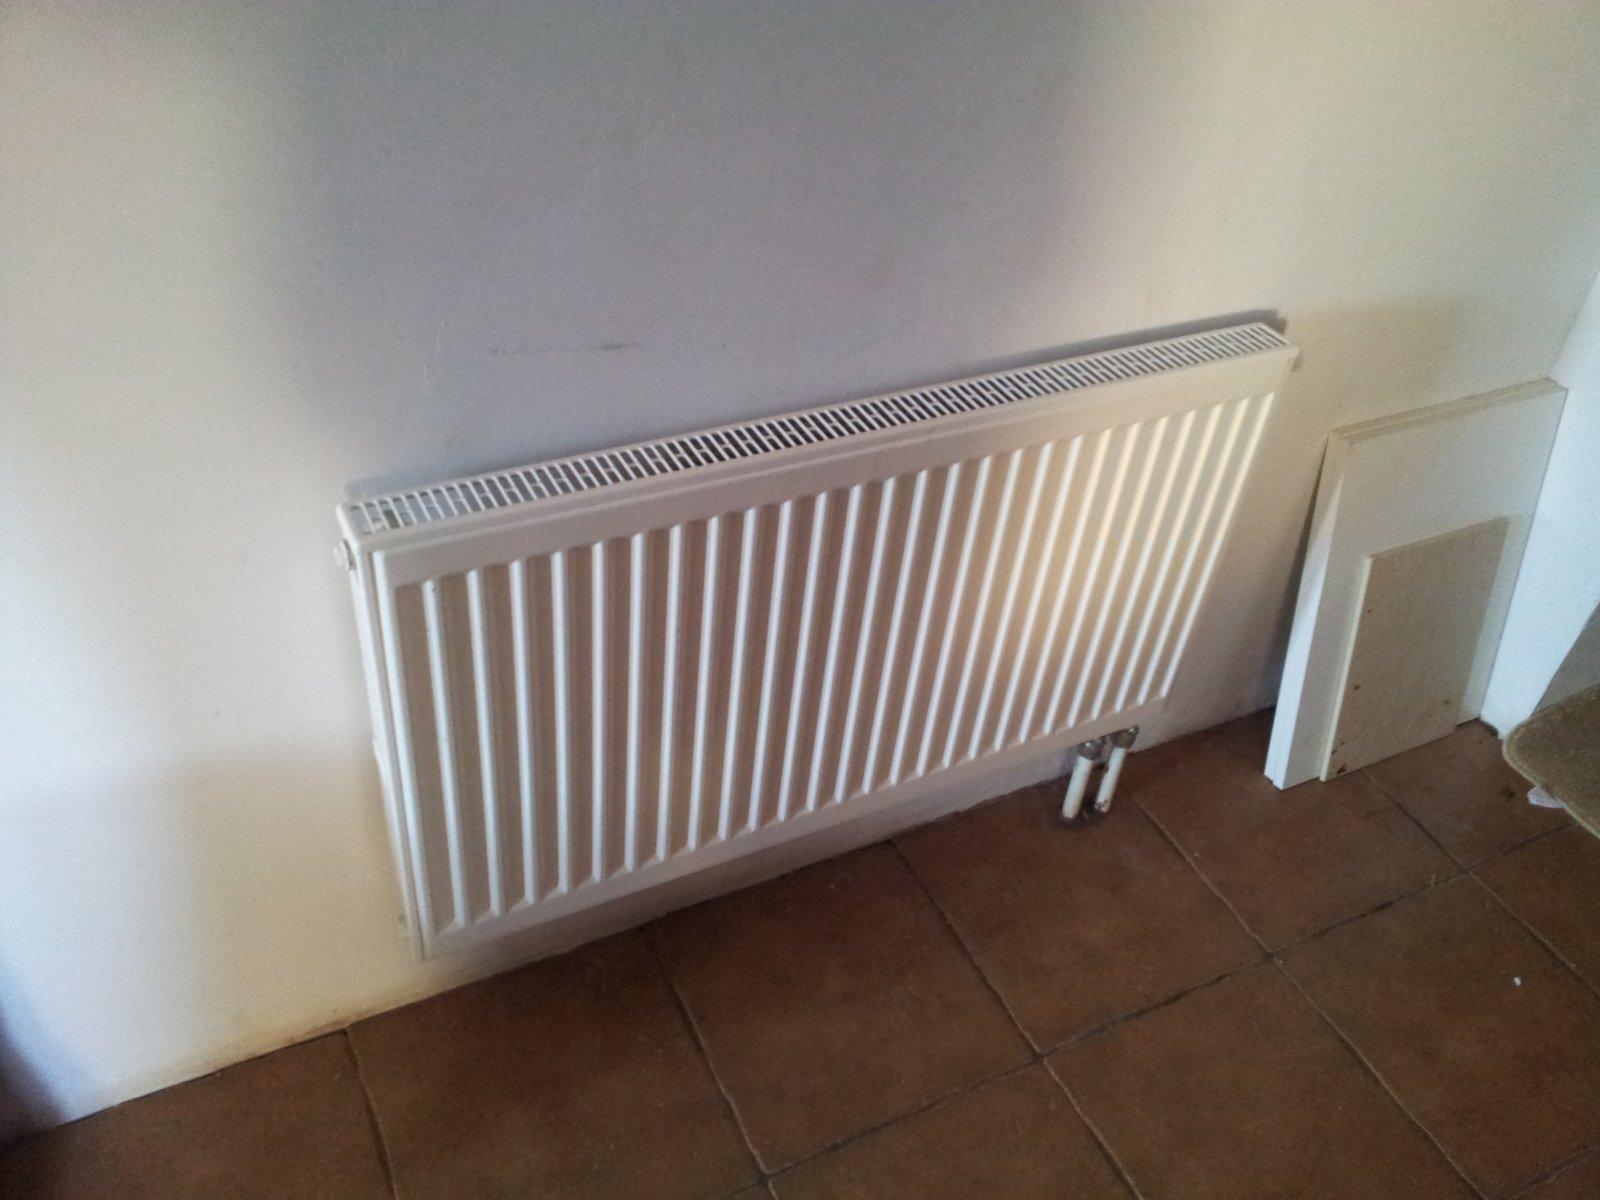 Выбор радиаторов с нижним подключением